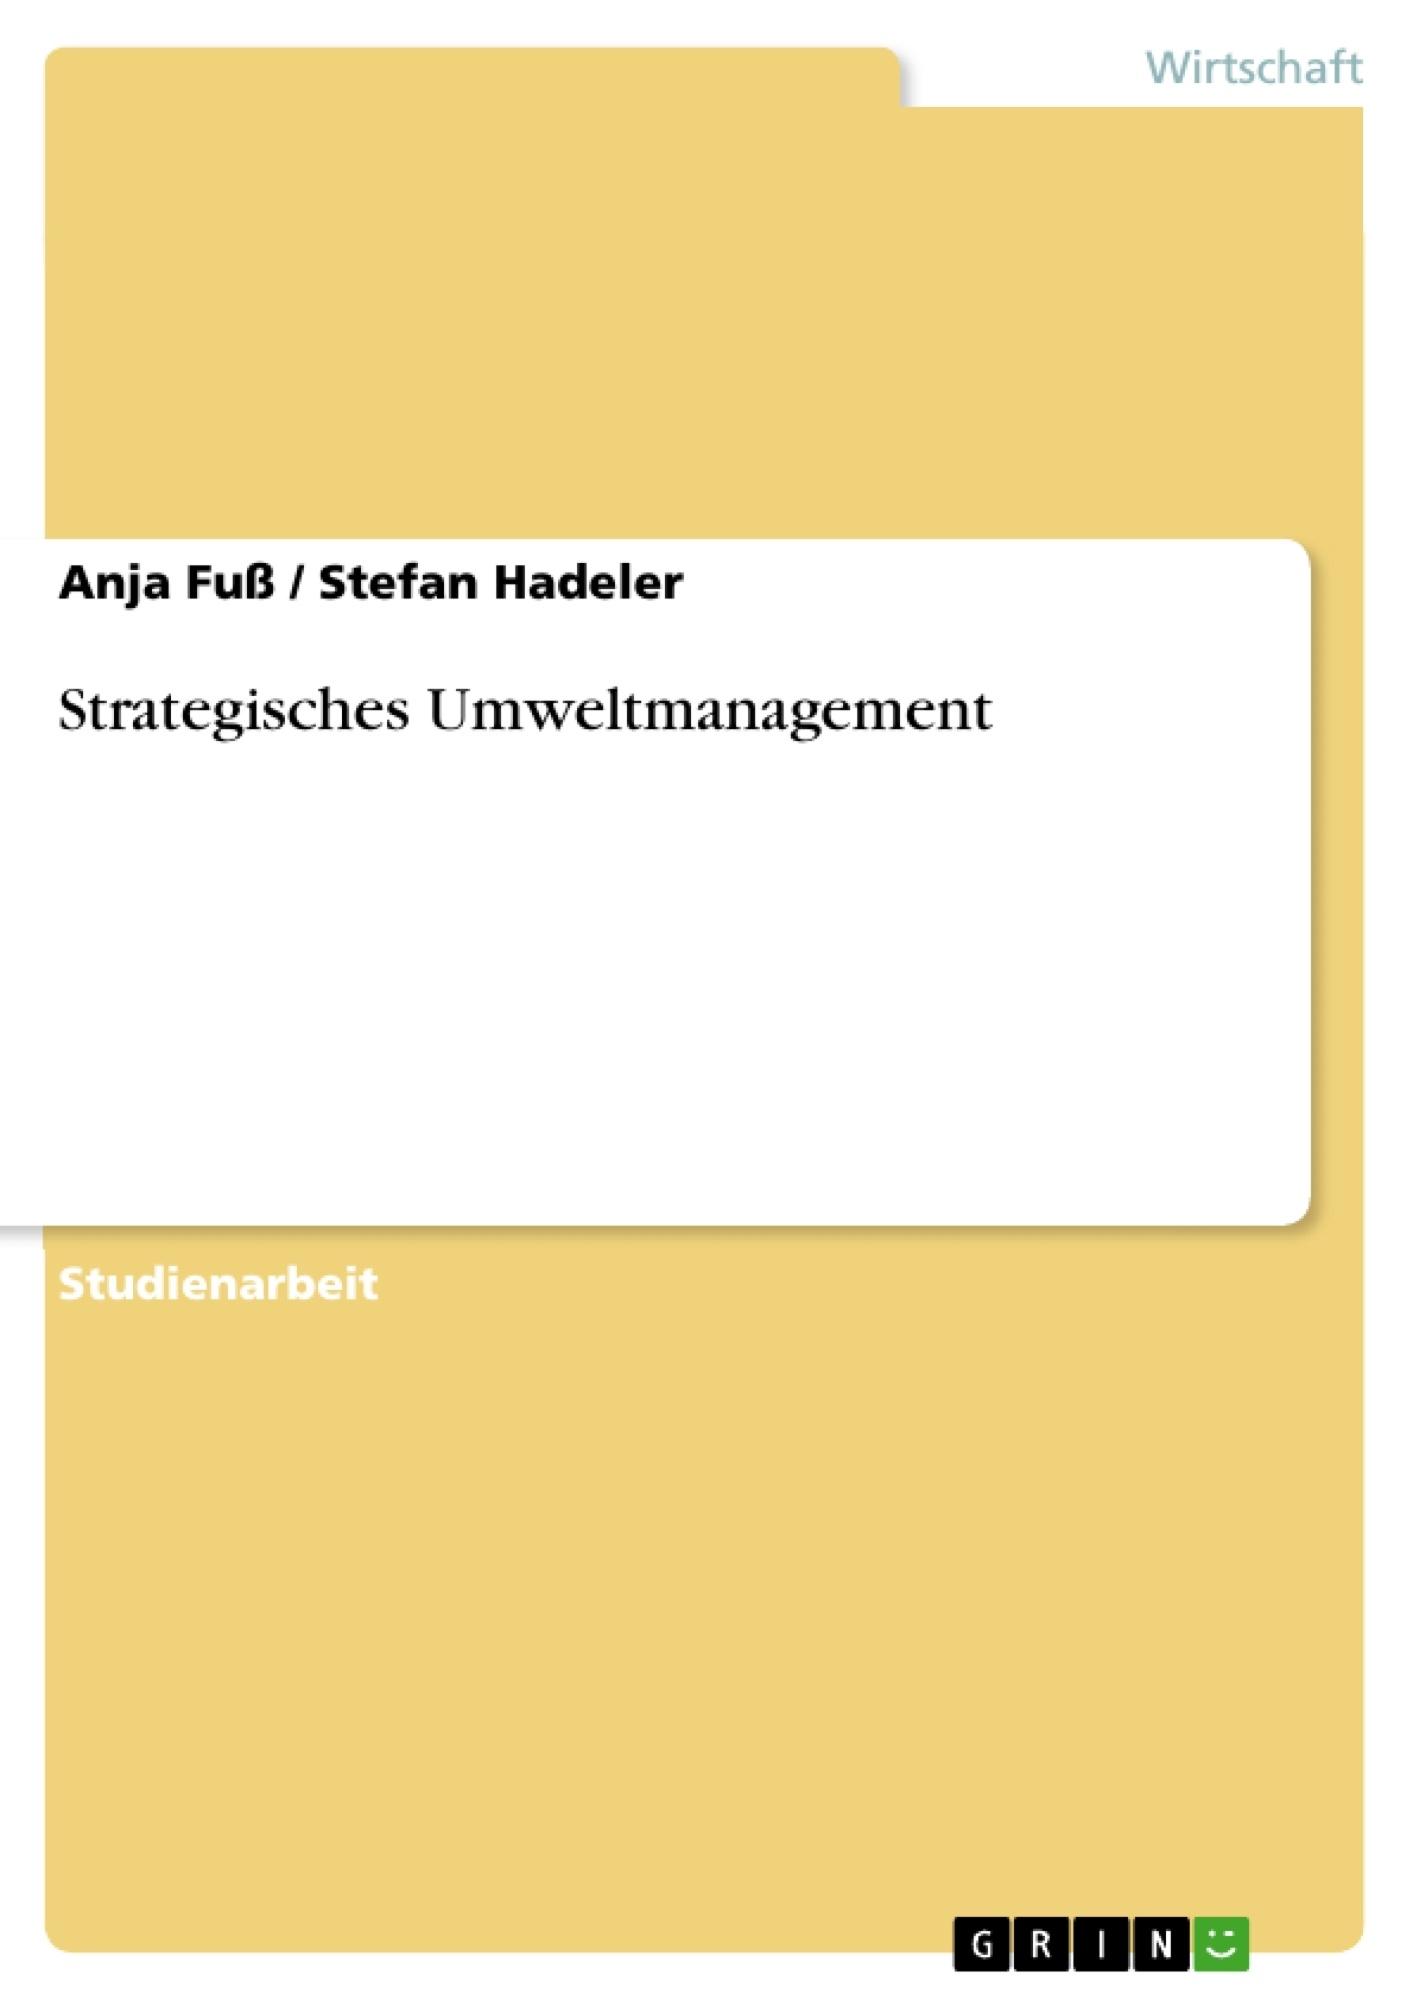 Titel: Strategisches Umweltmanagement